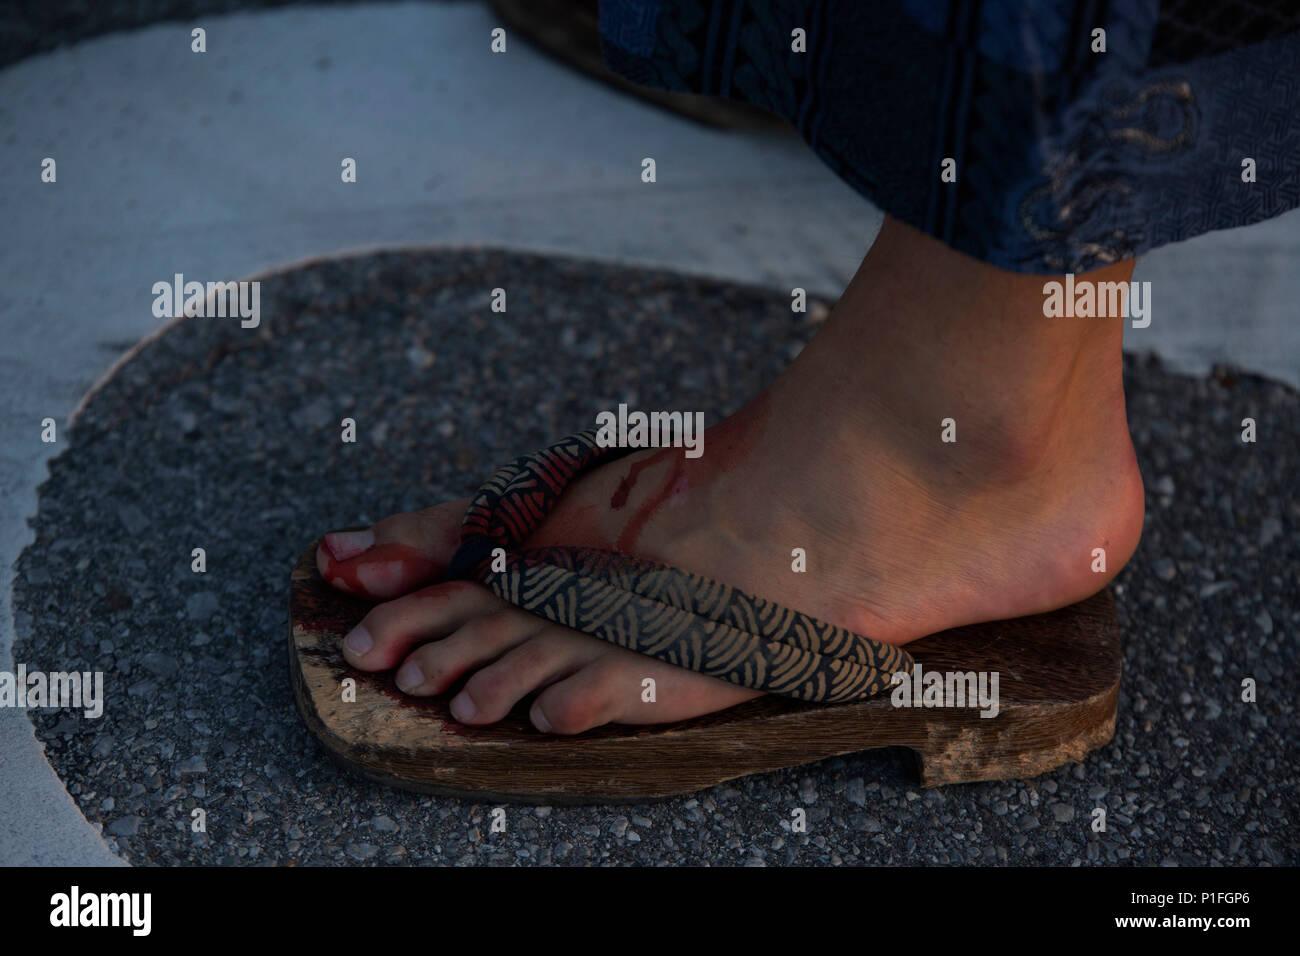 Feet sheri moon zombie Rob Zombie